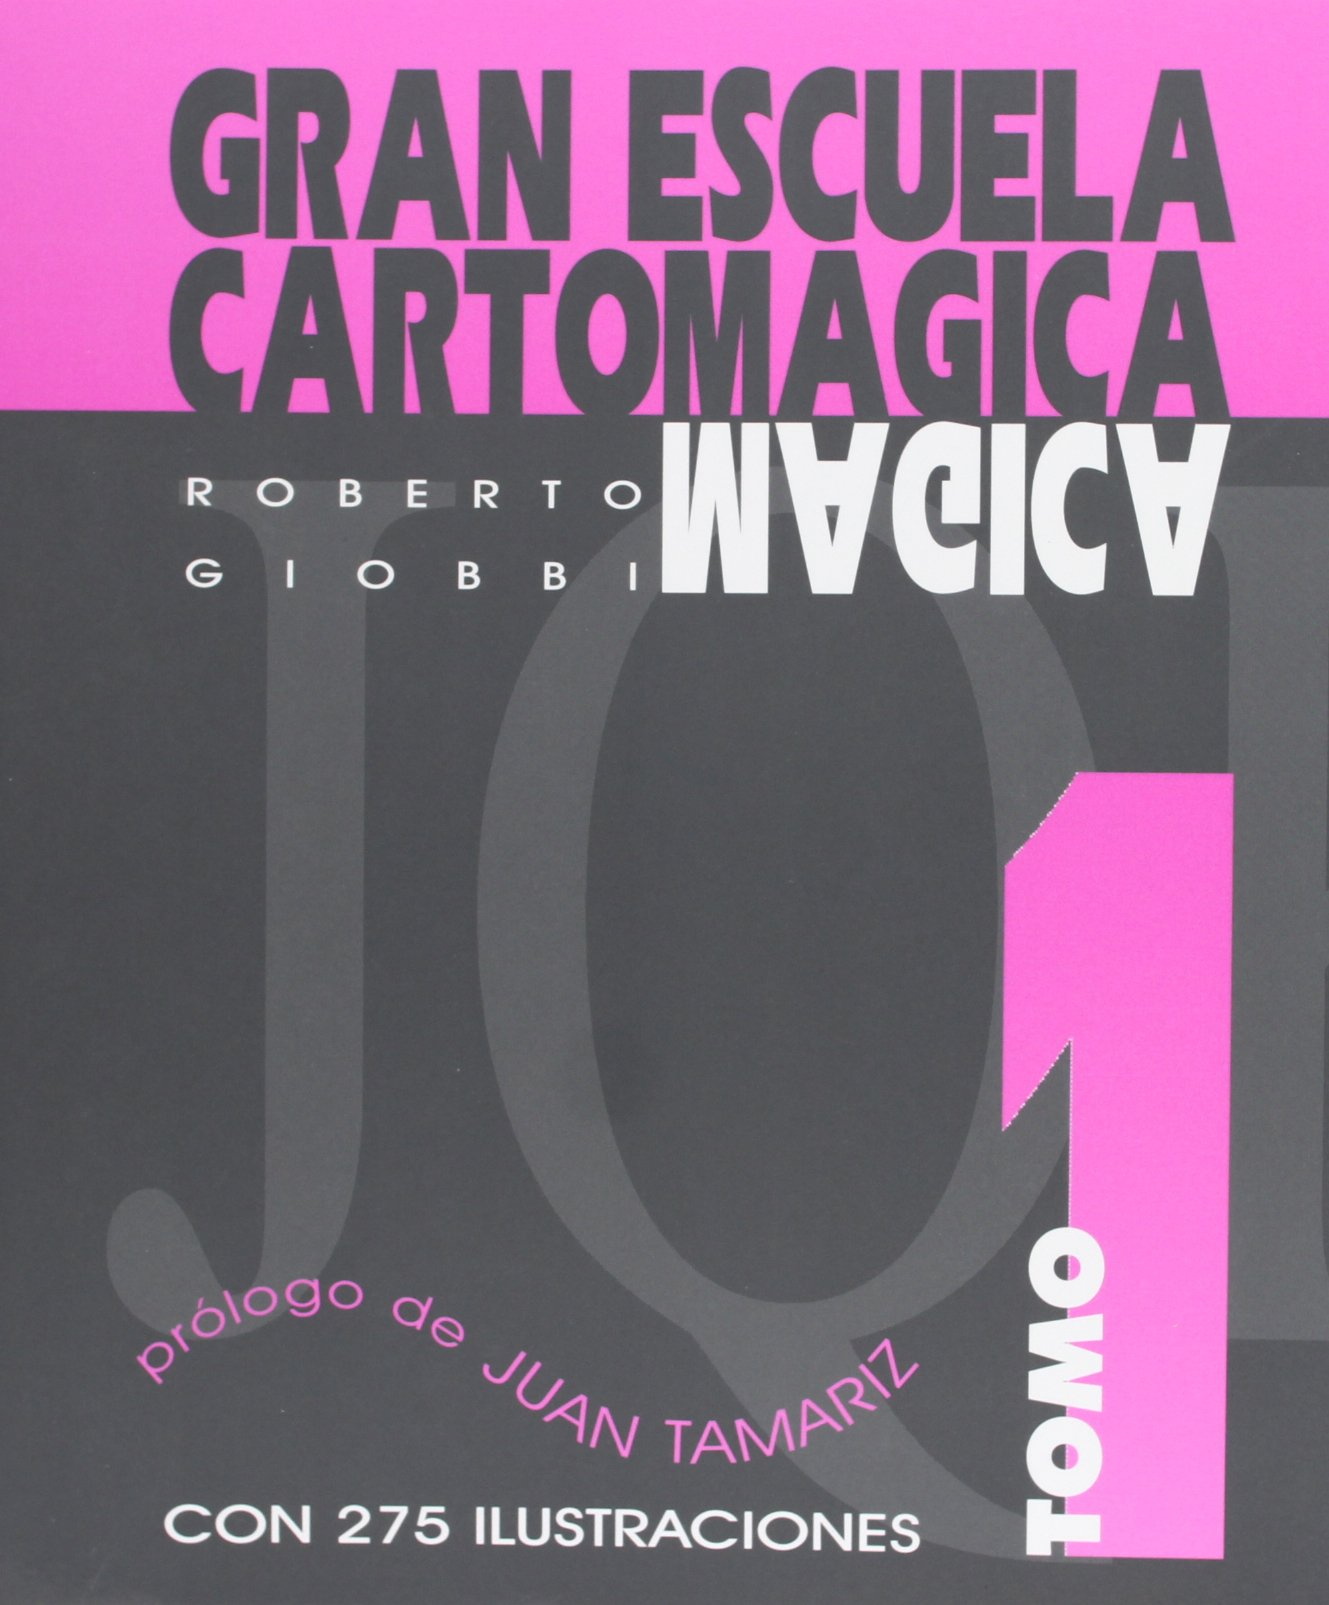 Gran escuela cartomagica - tomo I Tapa blanda – 4 dic 2012 Roberto Giobbi Paginas Libros De Magia S.L. 8489749639